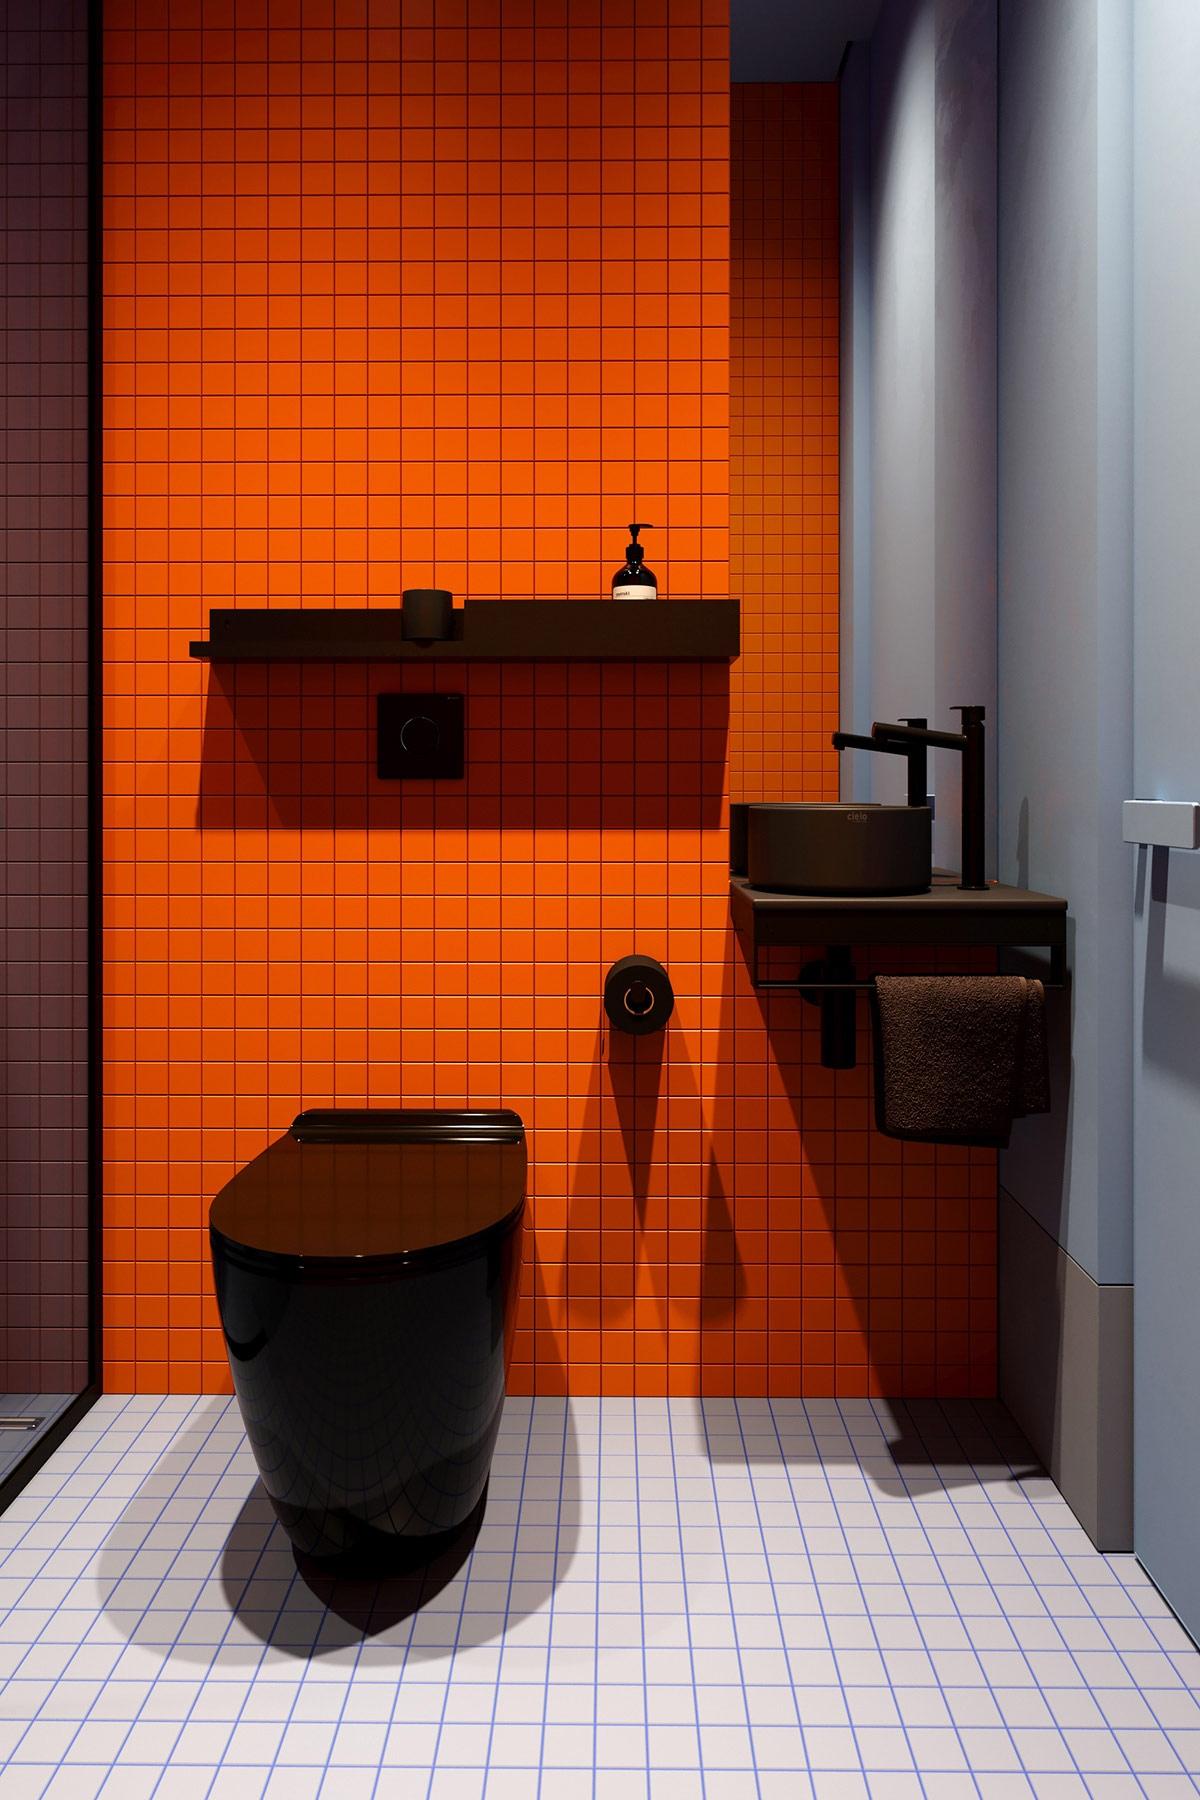 Đối lấp hoàn toàn với phòng ngủ, không gian tắm vô cùng rực rỡ với màu cam và một chút dịu nhẹ của sọc xanh của sàn.